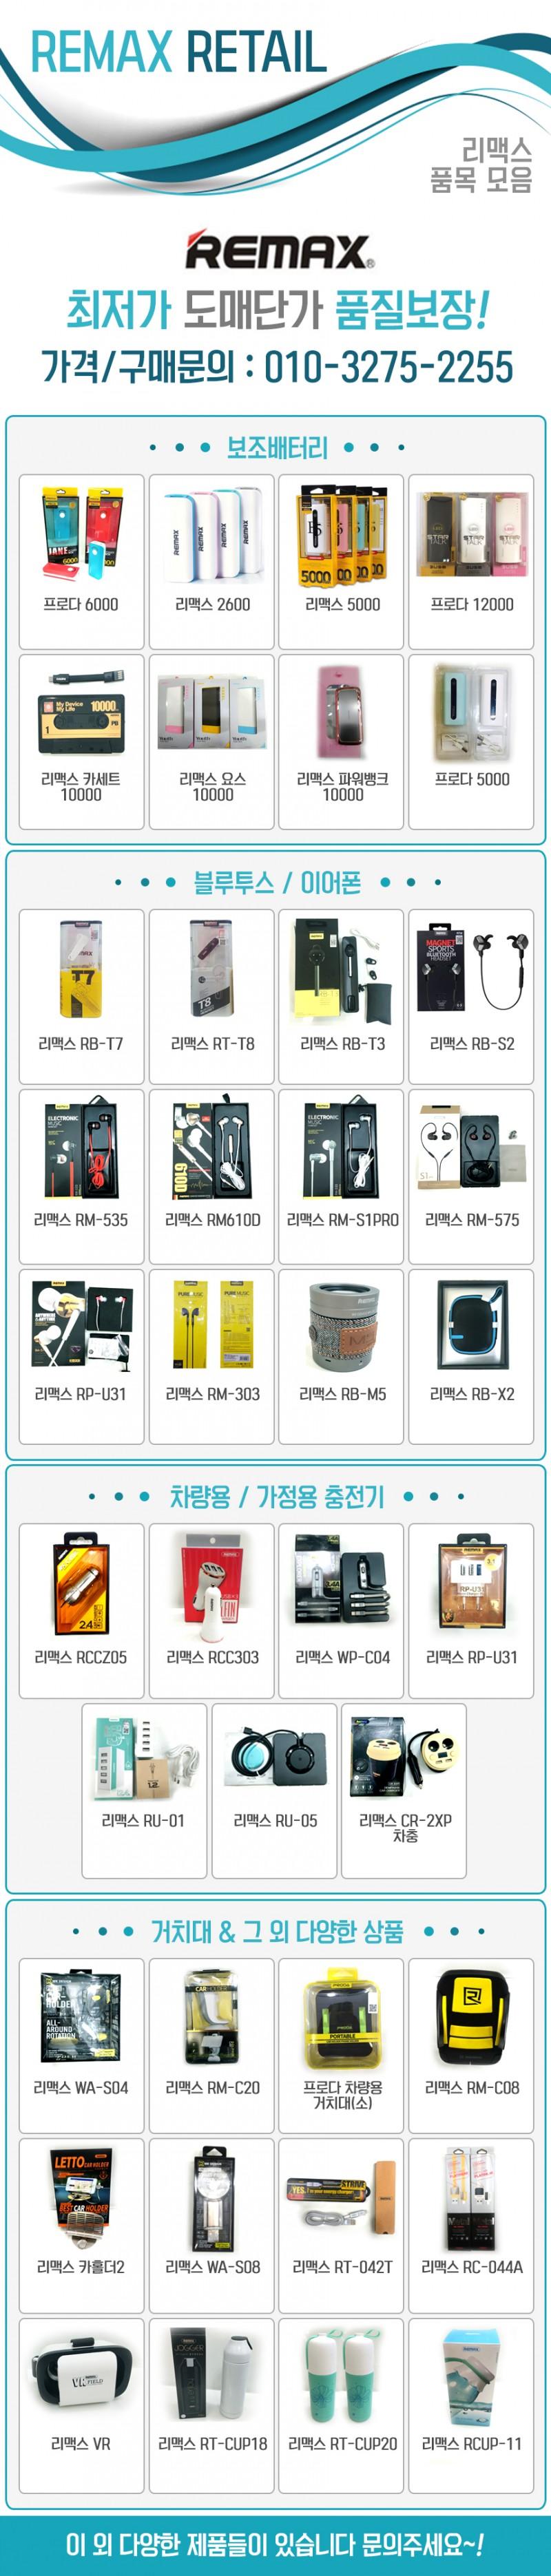 리맥스/프로다 전품목 최저가도매